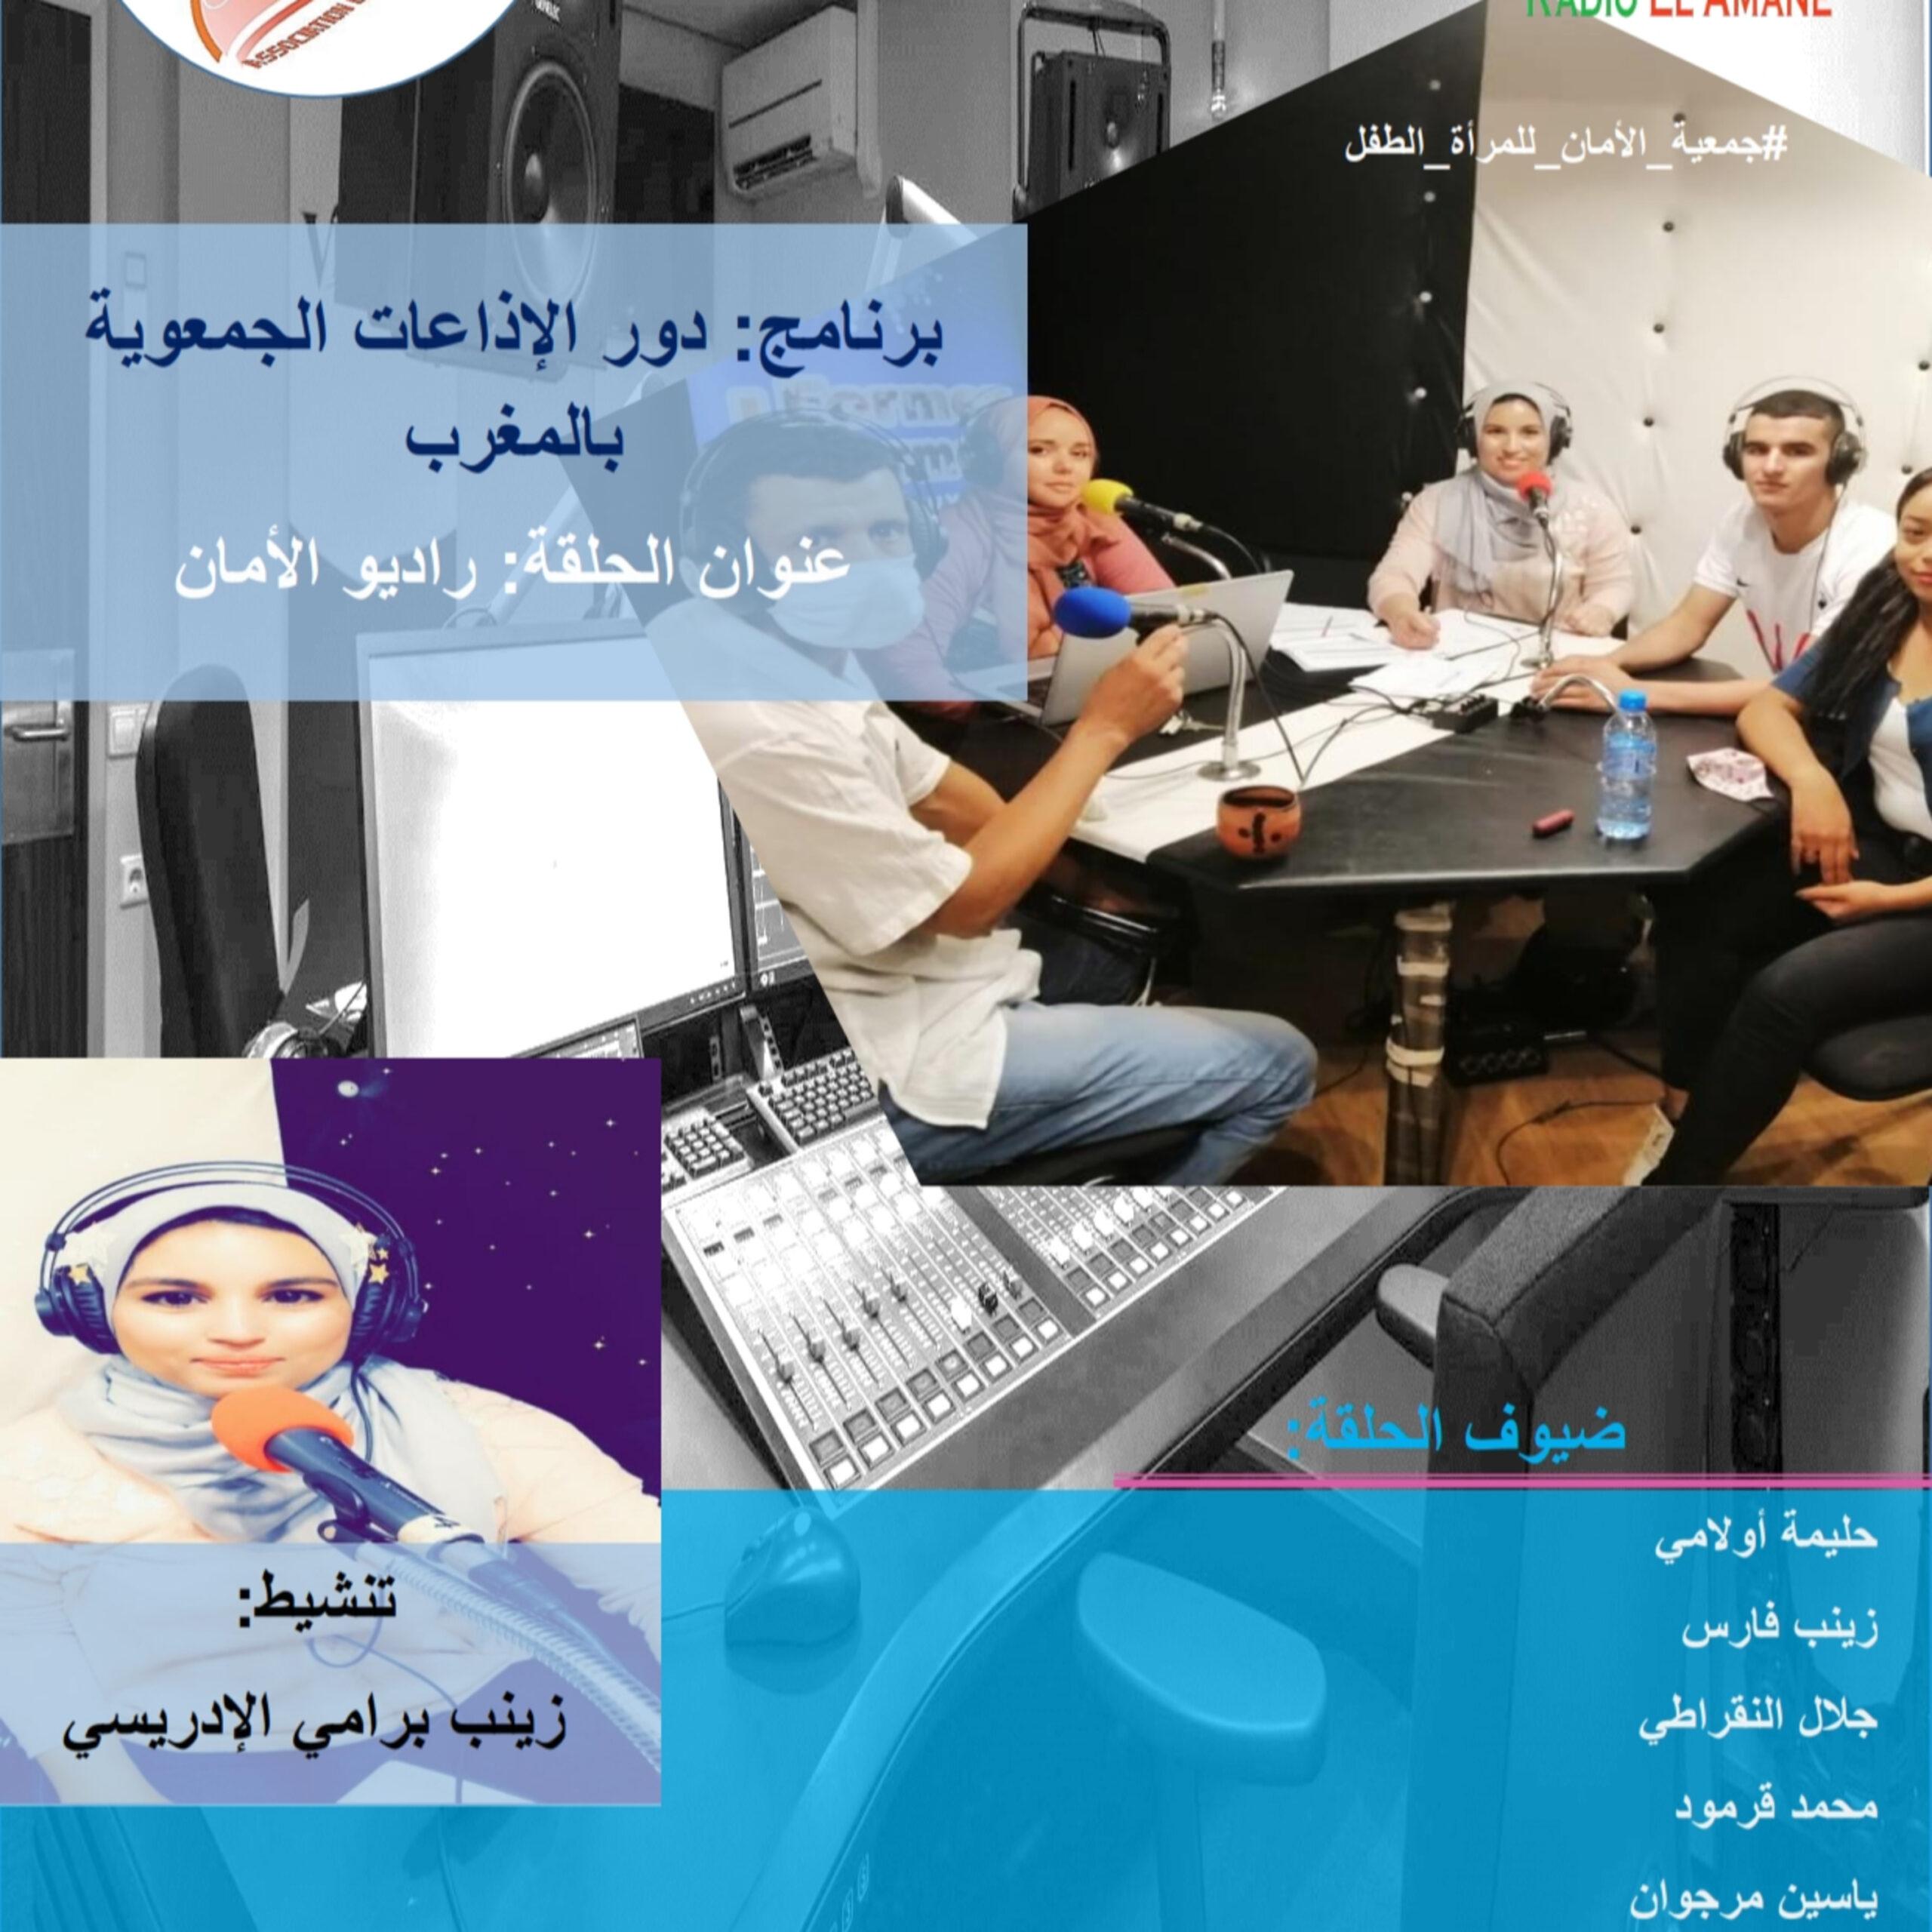 برنامج دور الإذاعات الجمعوية بالمغرب – عنوان الحلقة 1: راديو الأمان